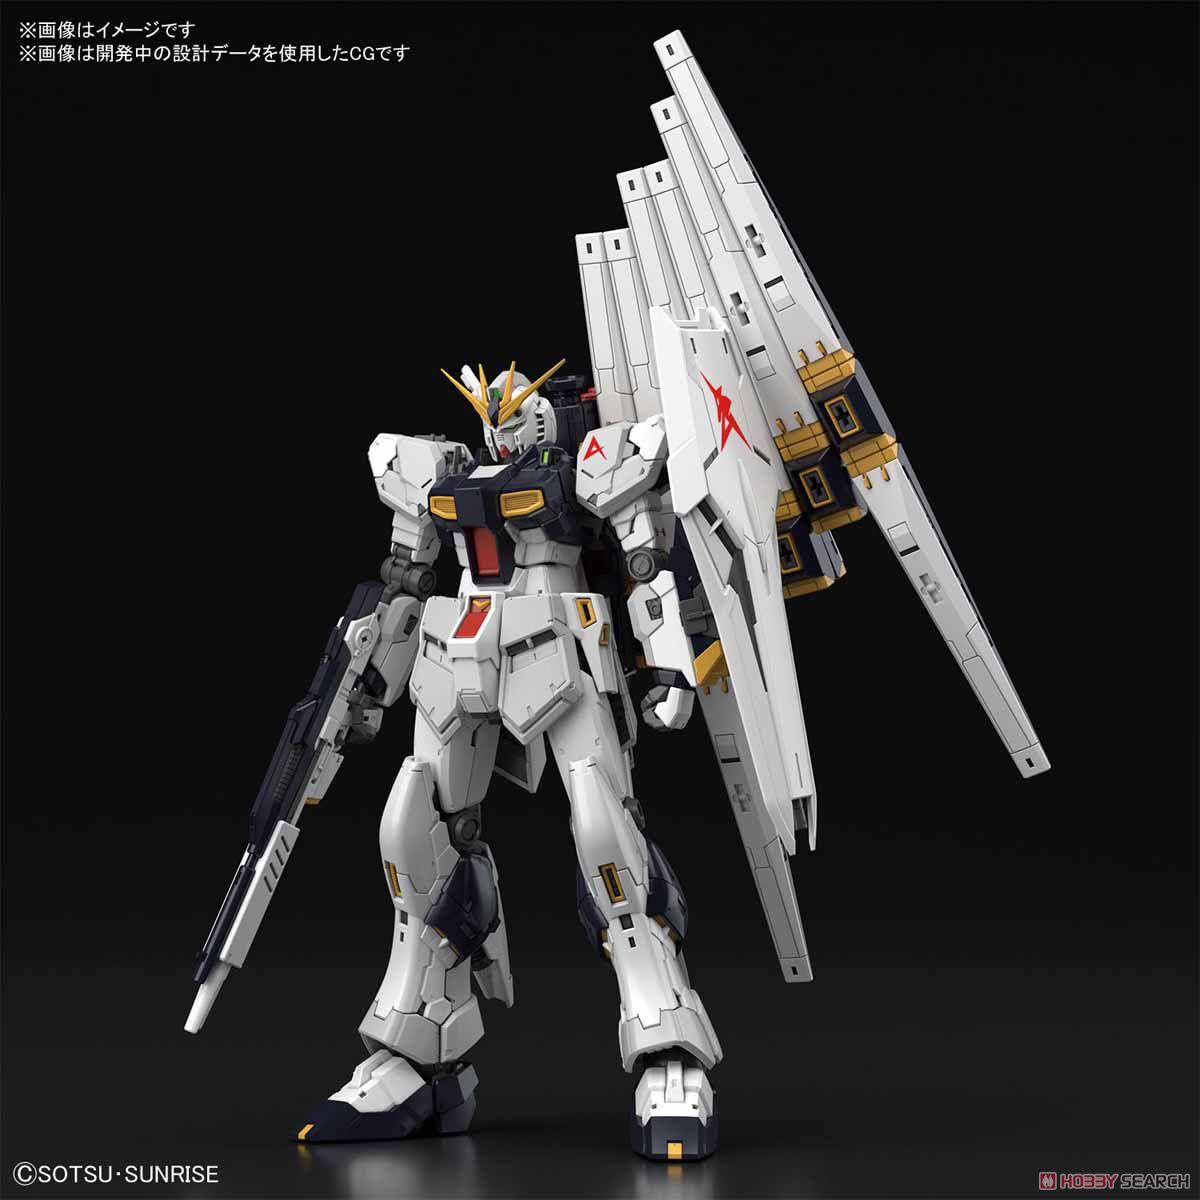 【再販】RG 1/144『νガンダム』逆襲のシャア プラモデル-002